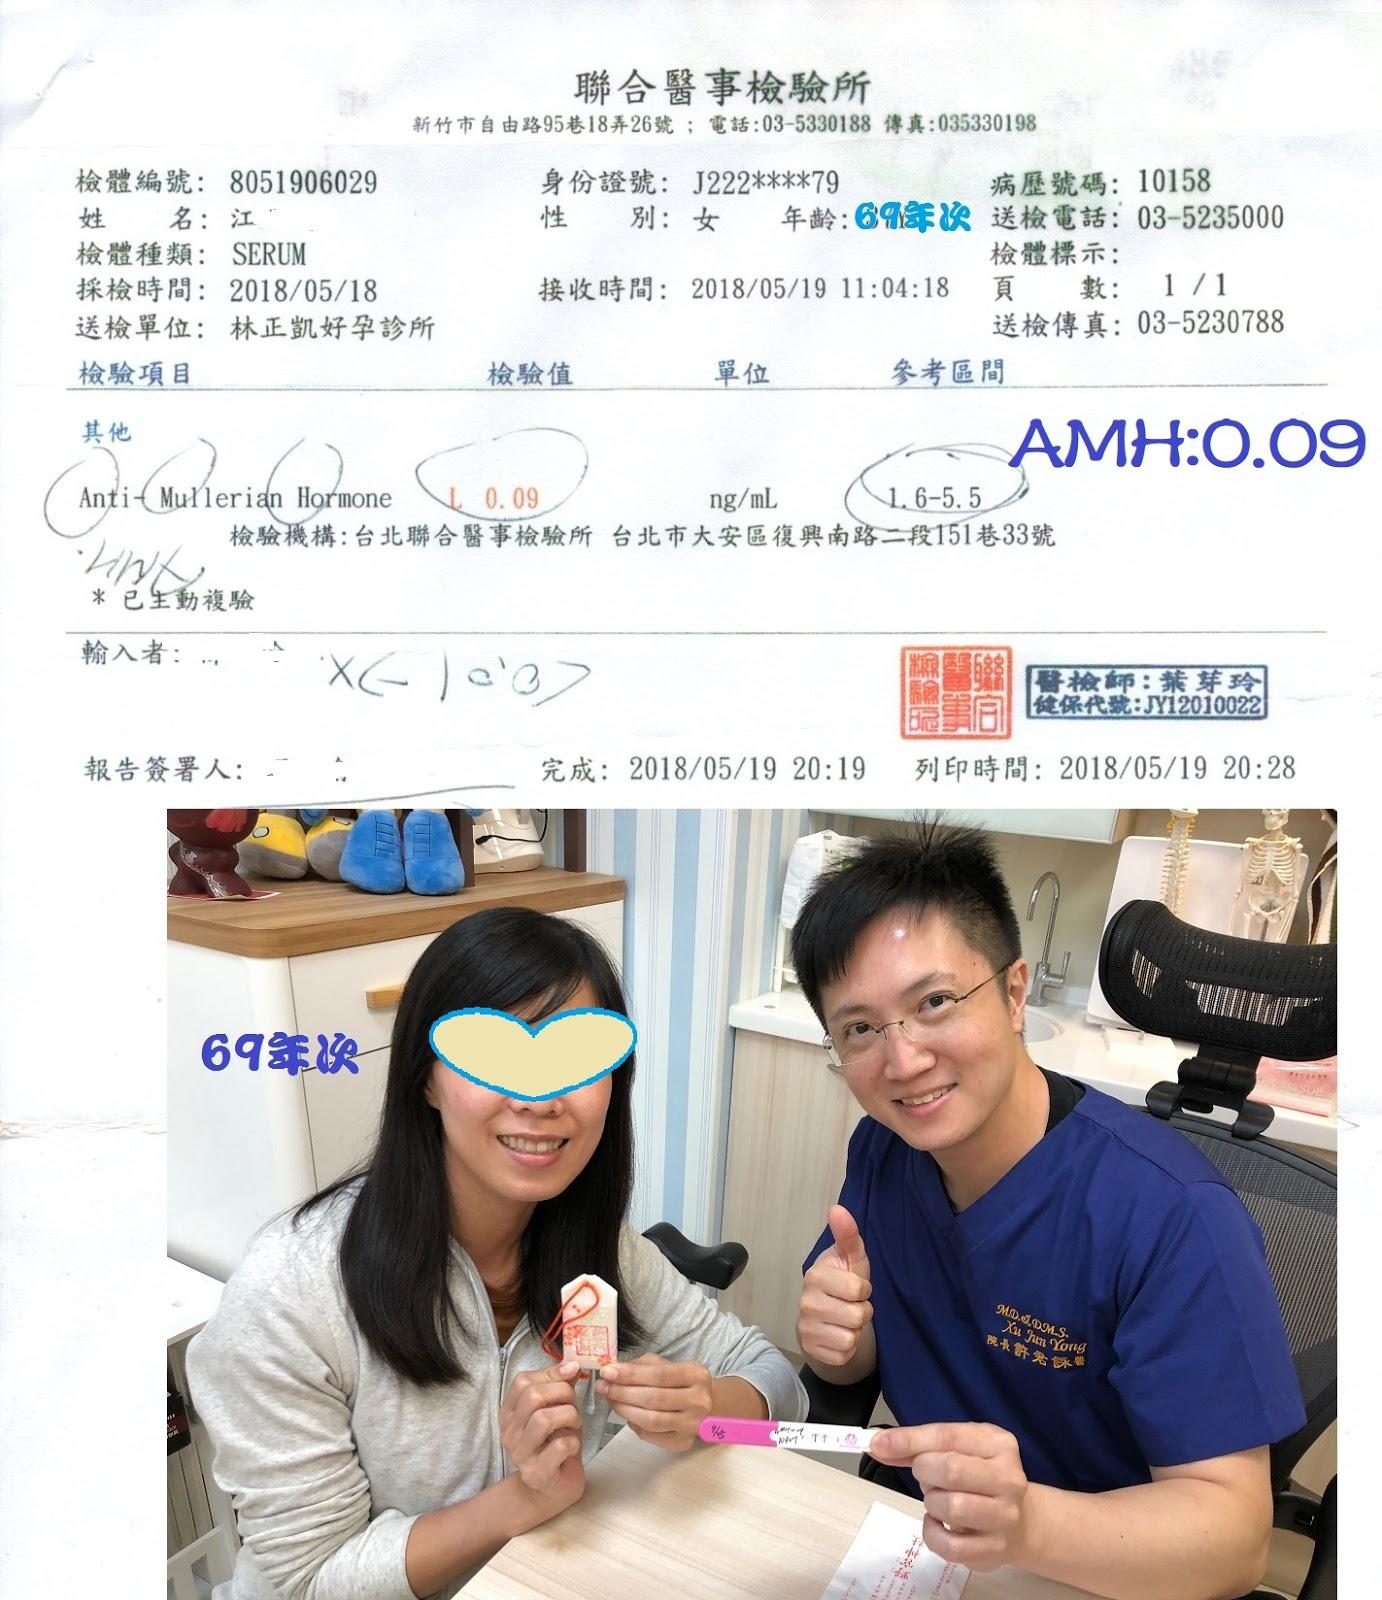 許君詠醫師(詠恆中醫診所): 卵巢早衰.AMH低.~真的無救了嗎?錯!。詠恆中醫分享喜悅